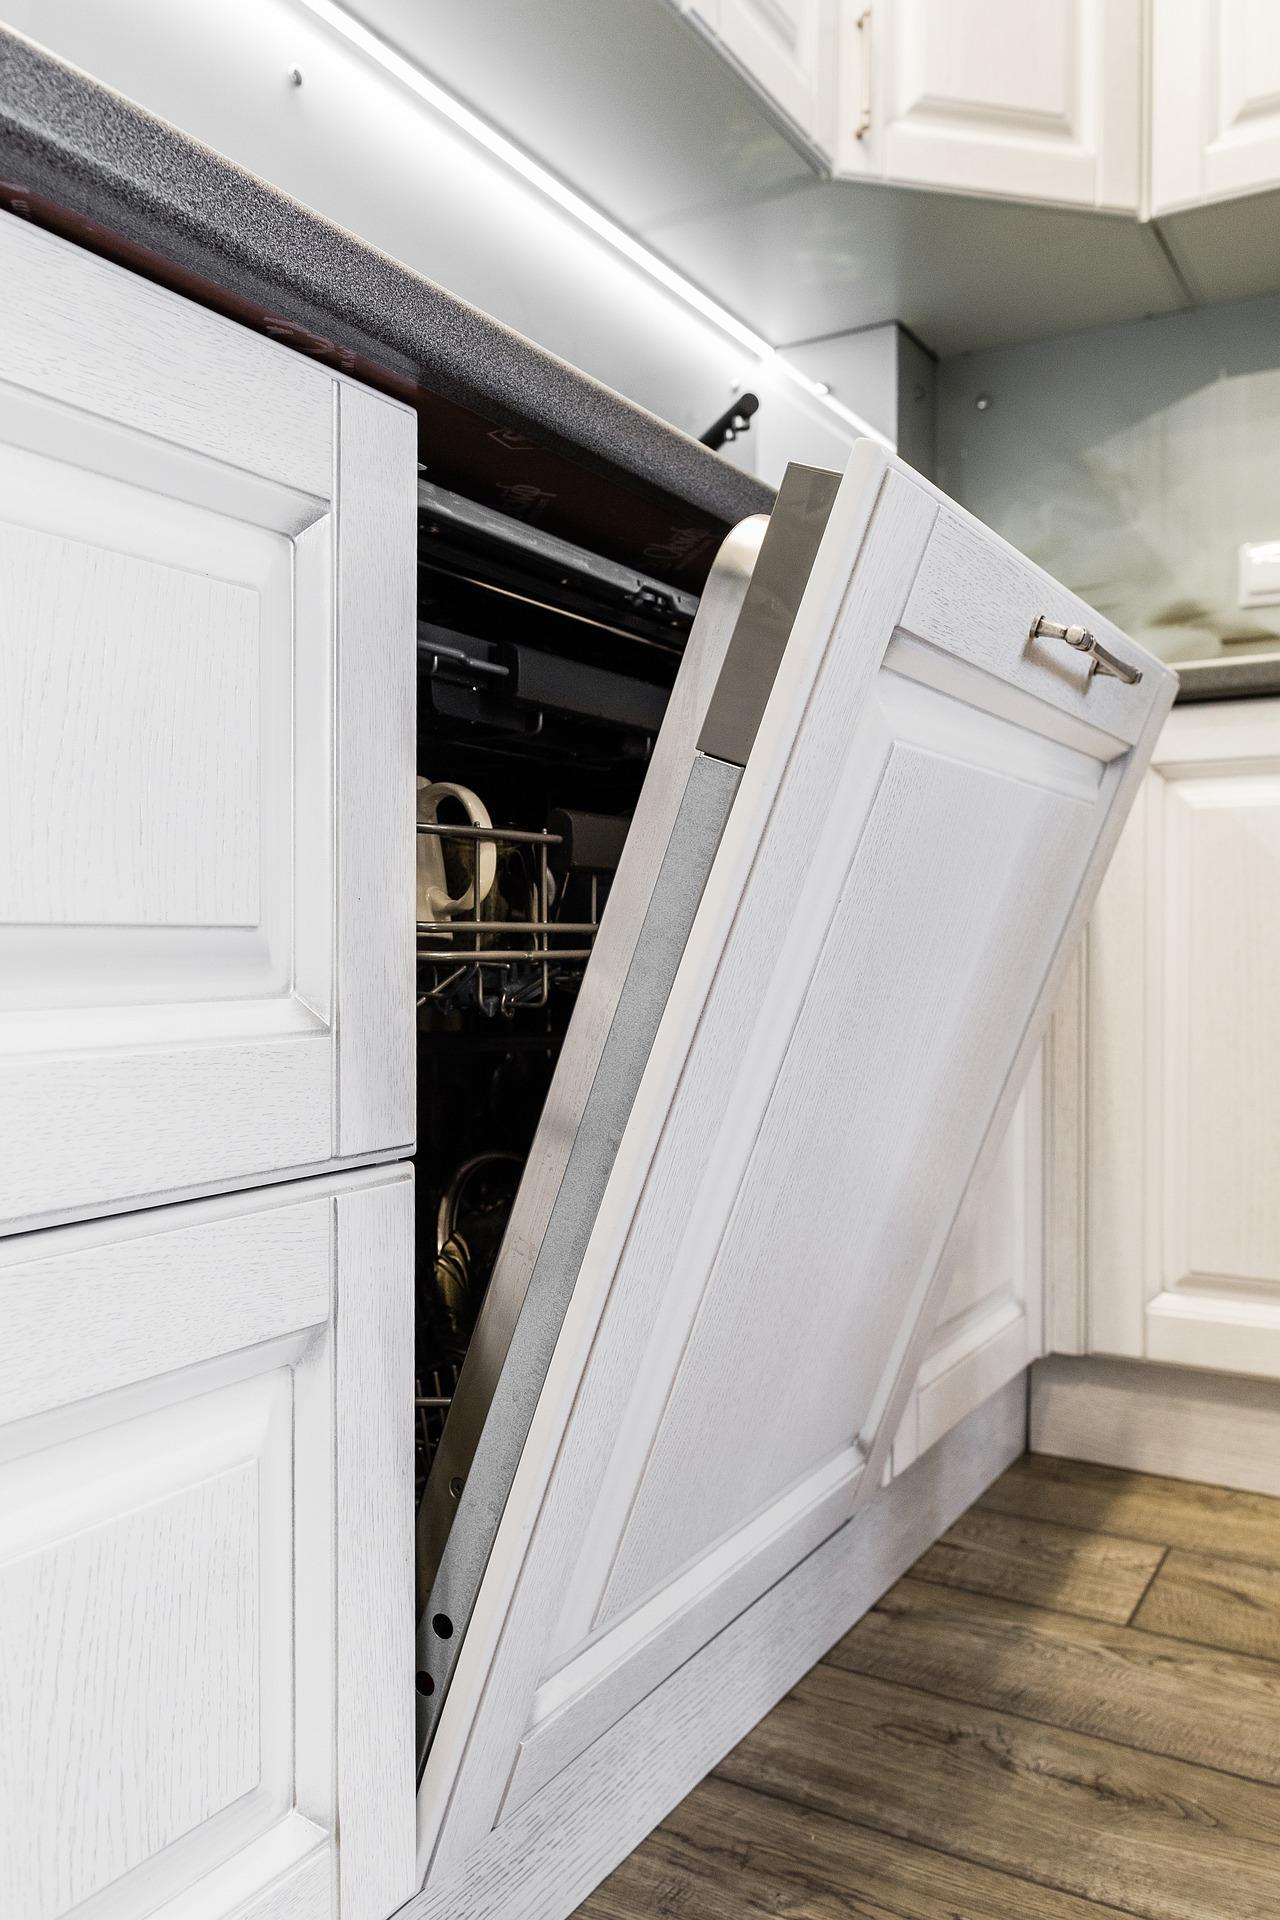 Hauswirtschaft - Geschirrspüler - Spülmaschinen